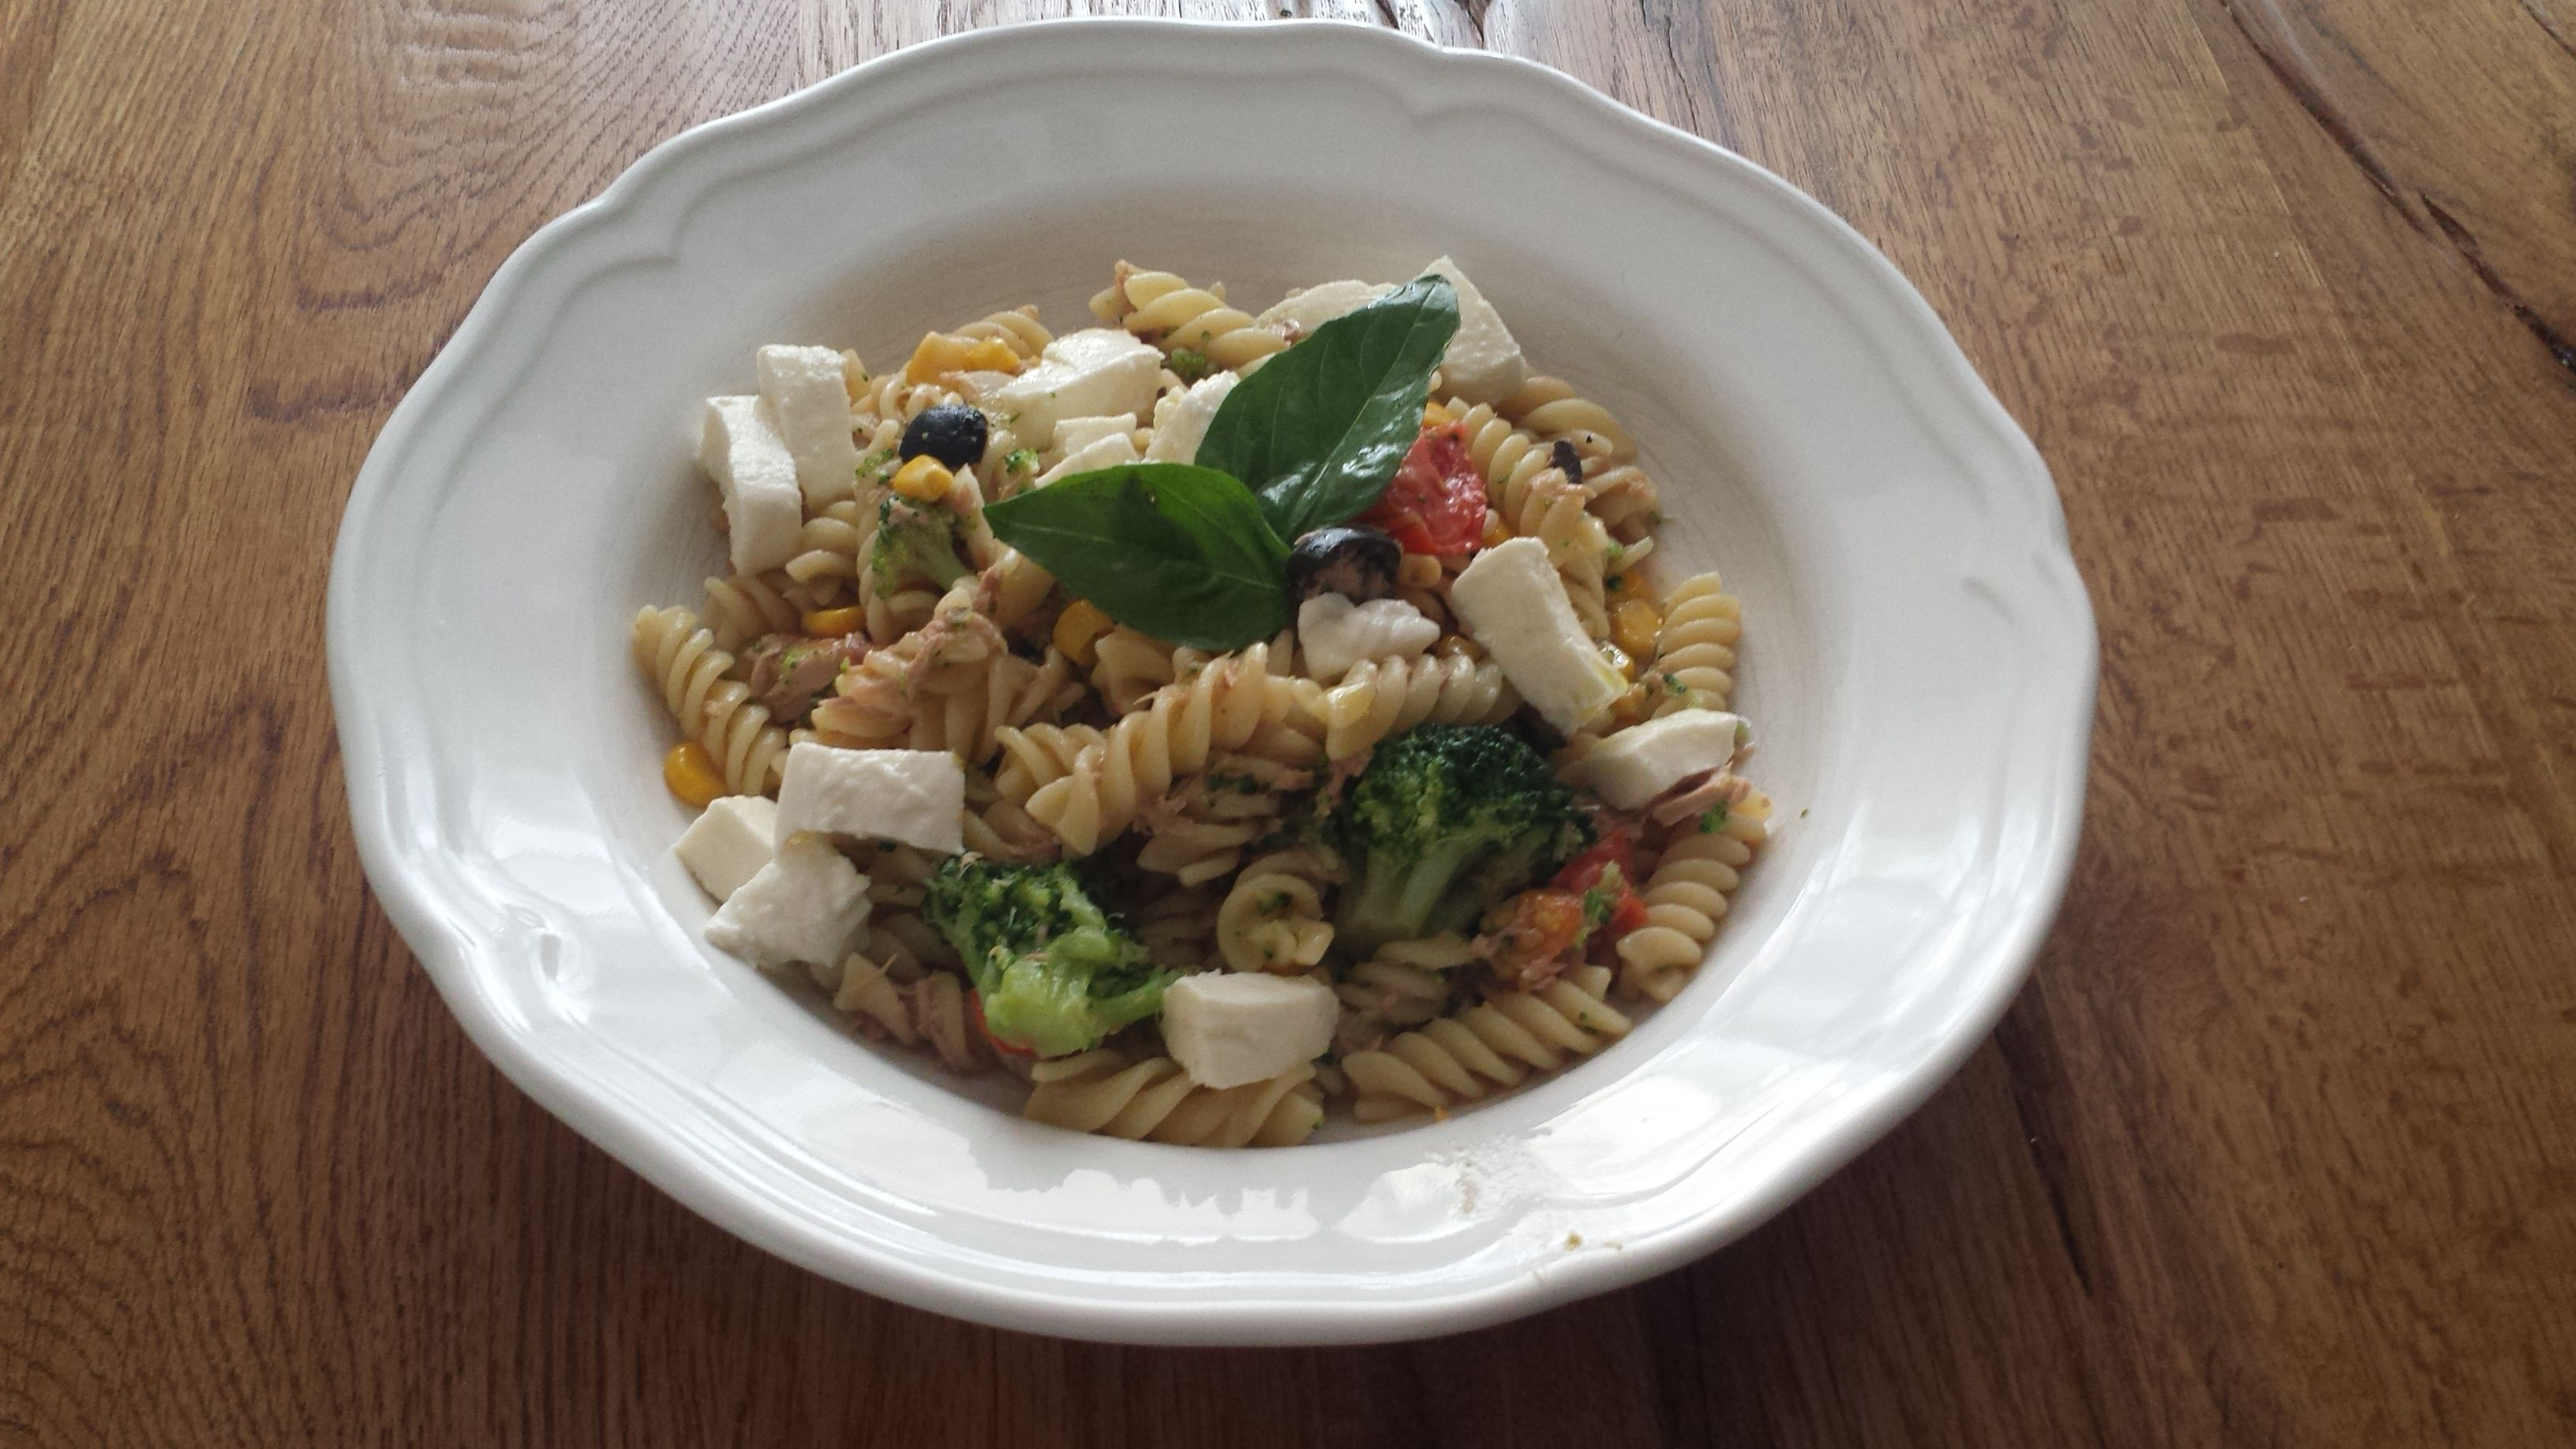 Těstoviny s tuňákem: uvařím těstoviny a brokolici na skus. Do pánve na livový olej dám olivy na plátky a opeču. Postupně přidám plátky česneku, tuňáka z konzervy a kukuřici. Podleju vodou , ve které se vařily těstoviny a přidám přepůlené šery rajčátka. Nakonec vmíchám brokolici a těstoviny. Osolím a opepřím drceným pepřem. Na talíři zaliji olivovým olejem a přidám mozarellu na kostičky a bazalku.